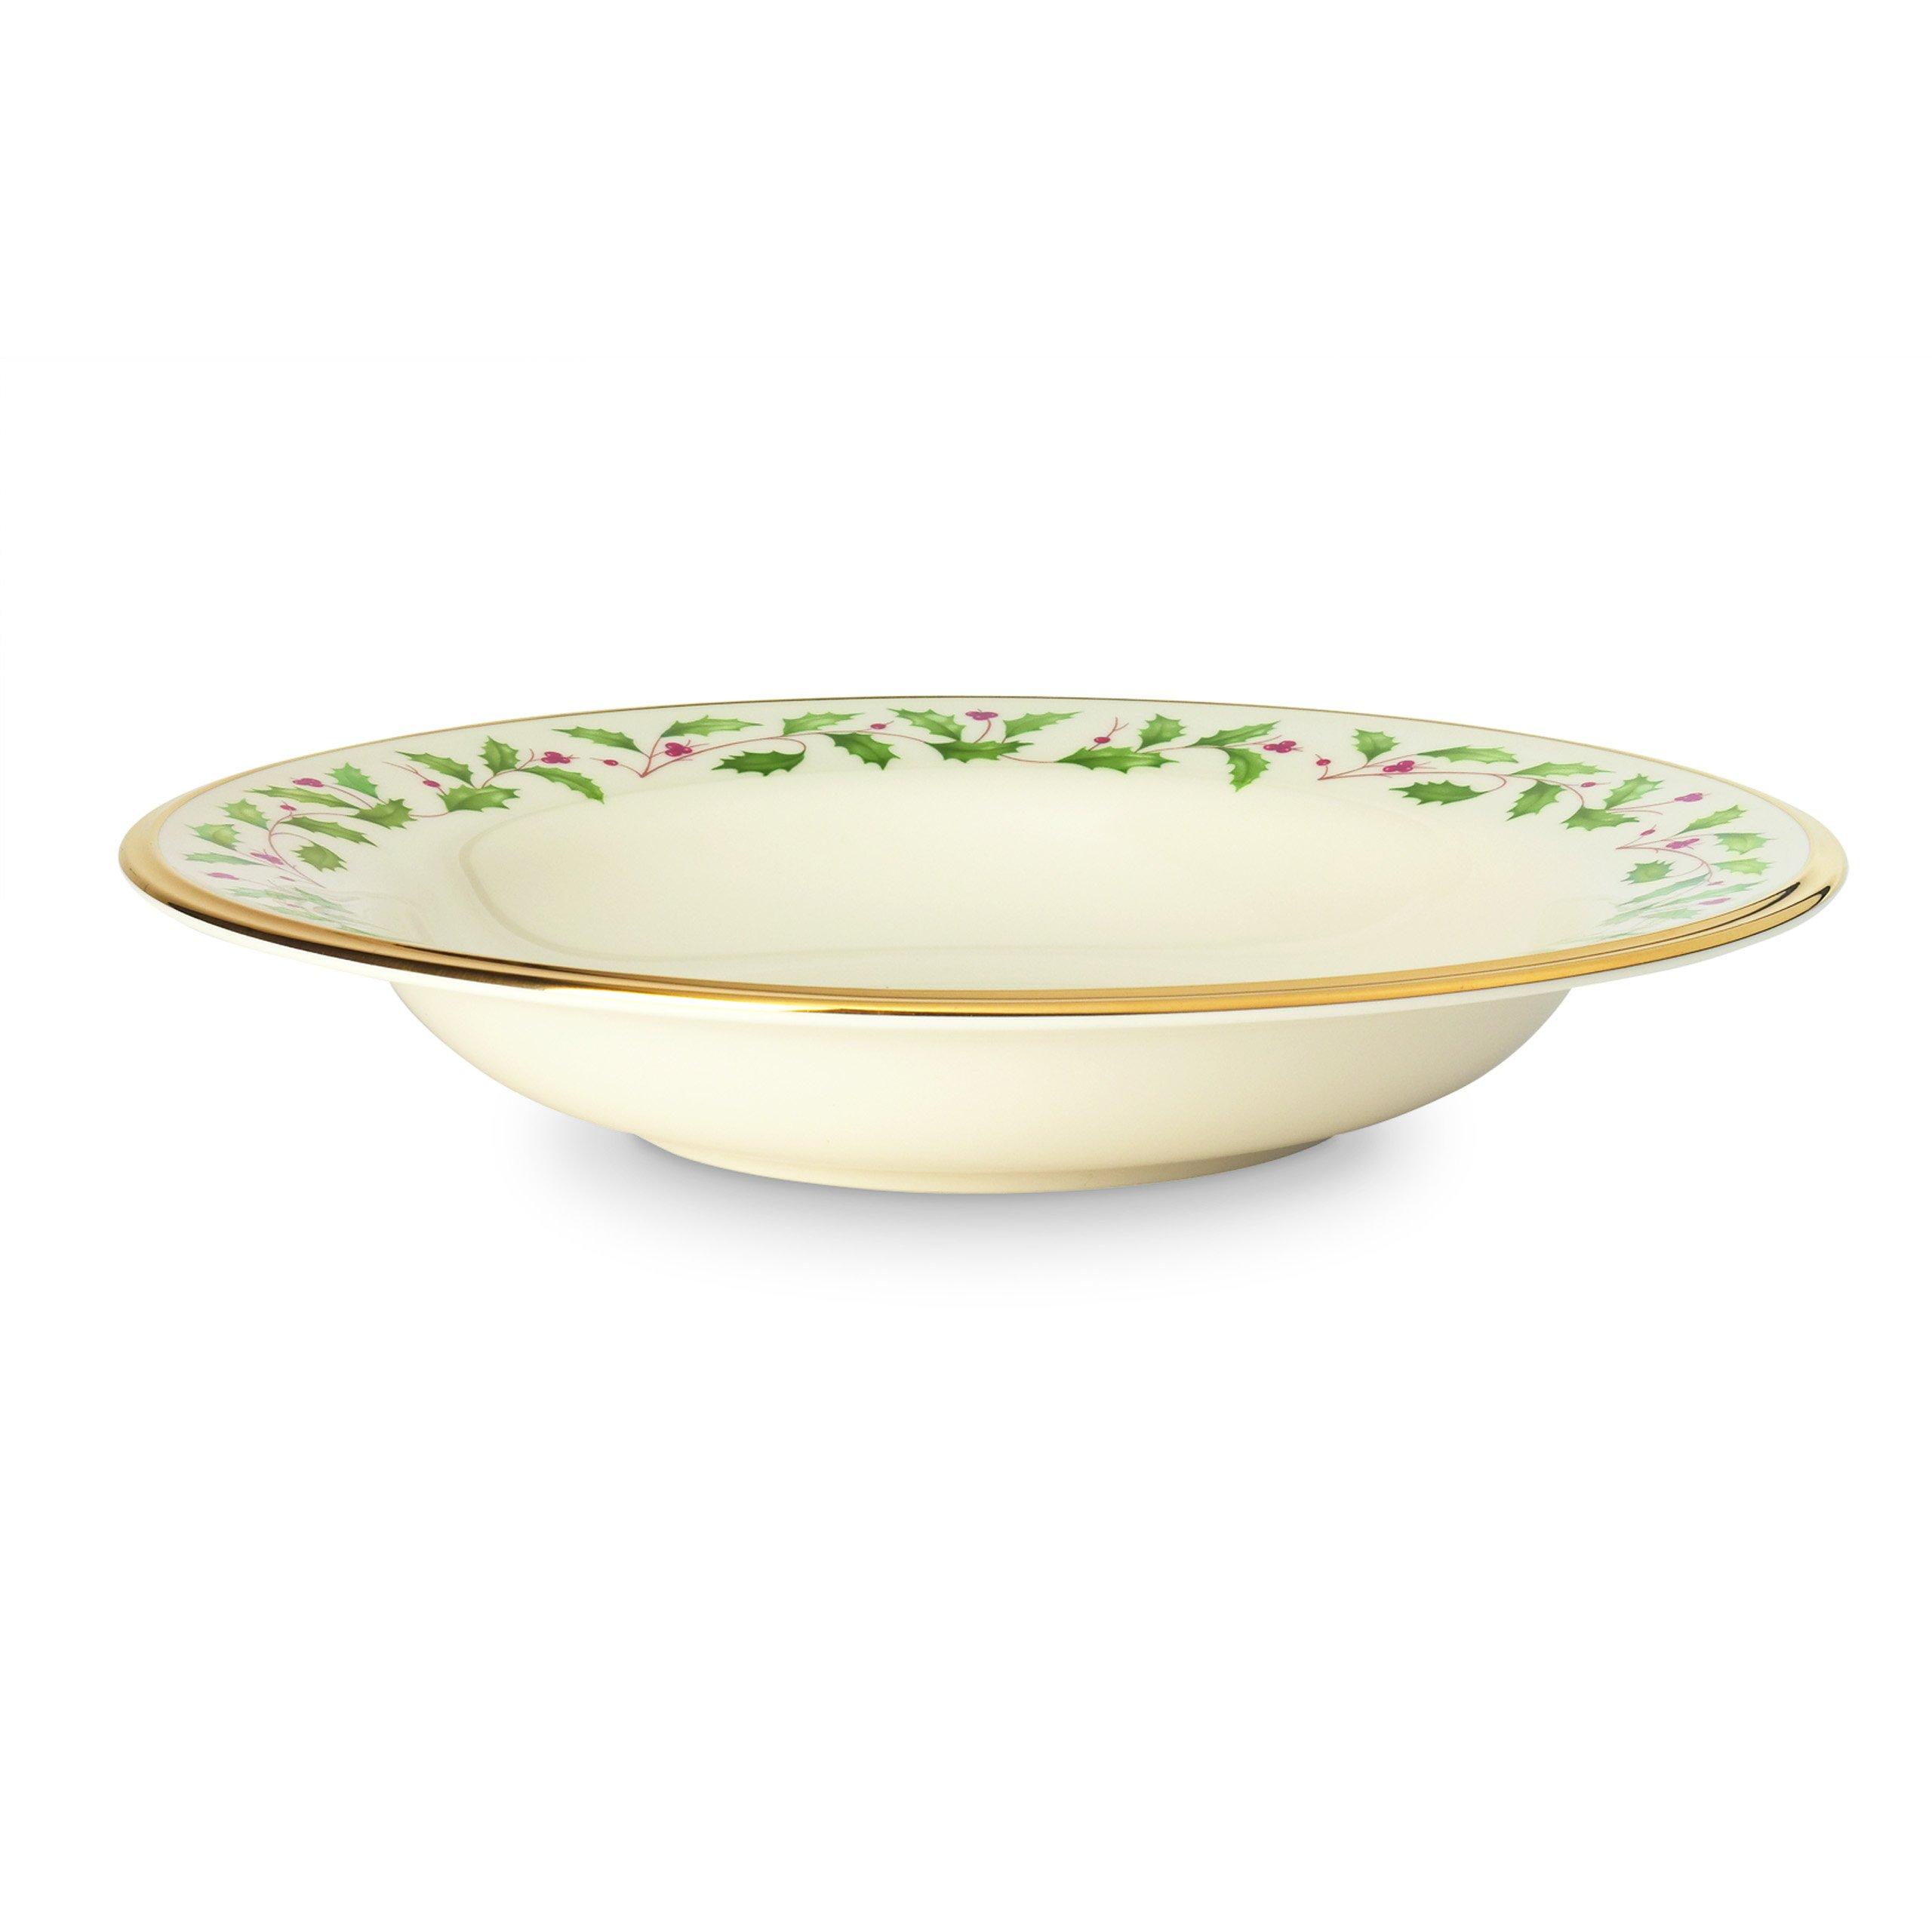 Lenox Holiday Pasta/Soup Bowl